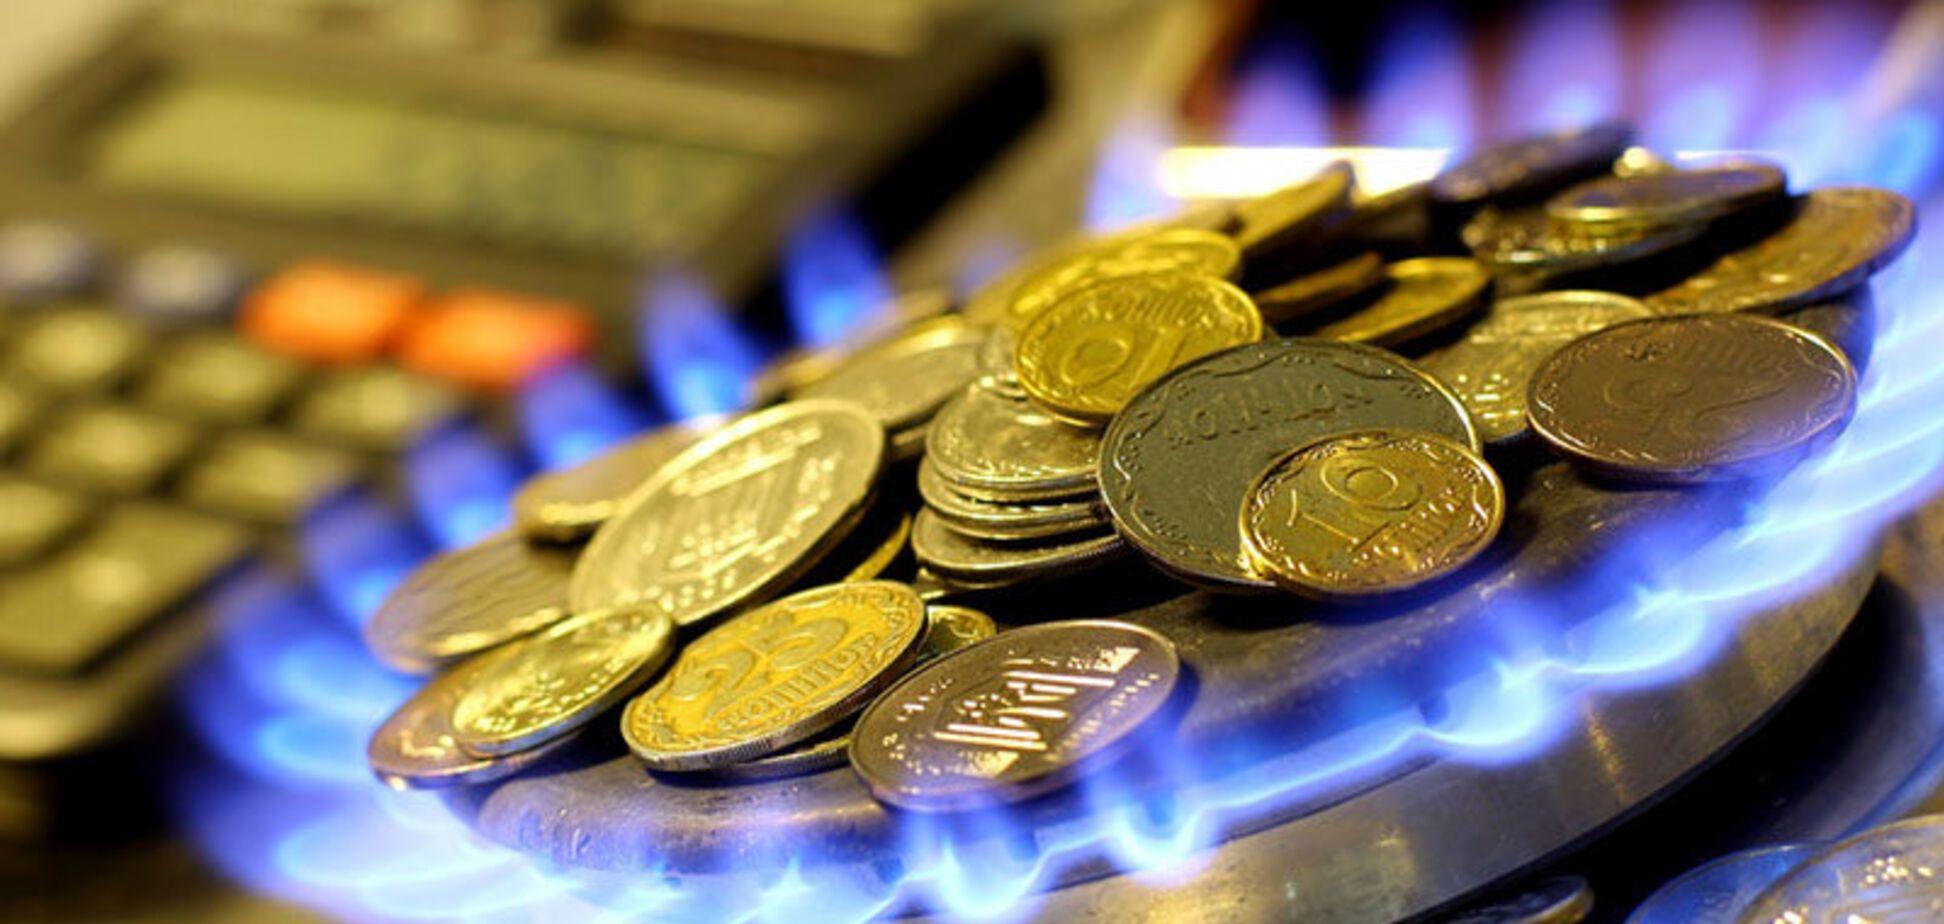 Якщо ціну на газ не підвищити - долар буде по 35